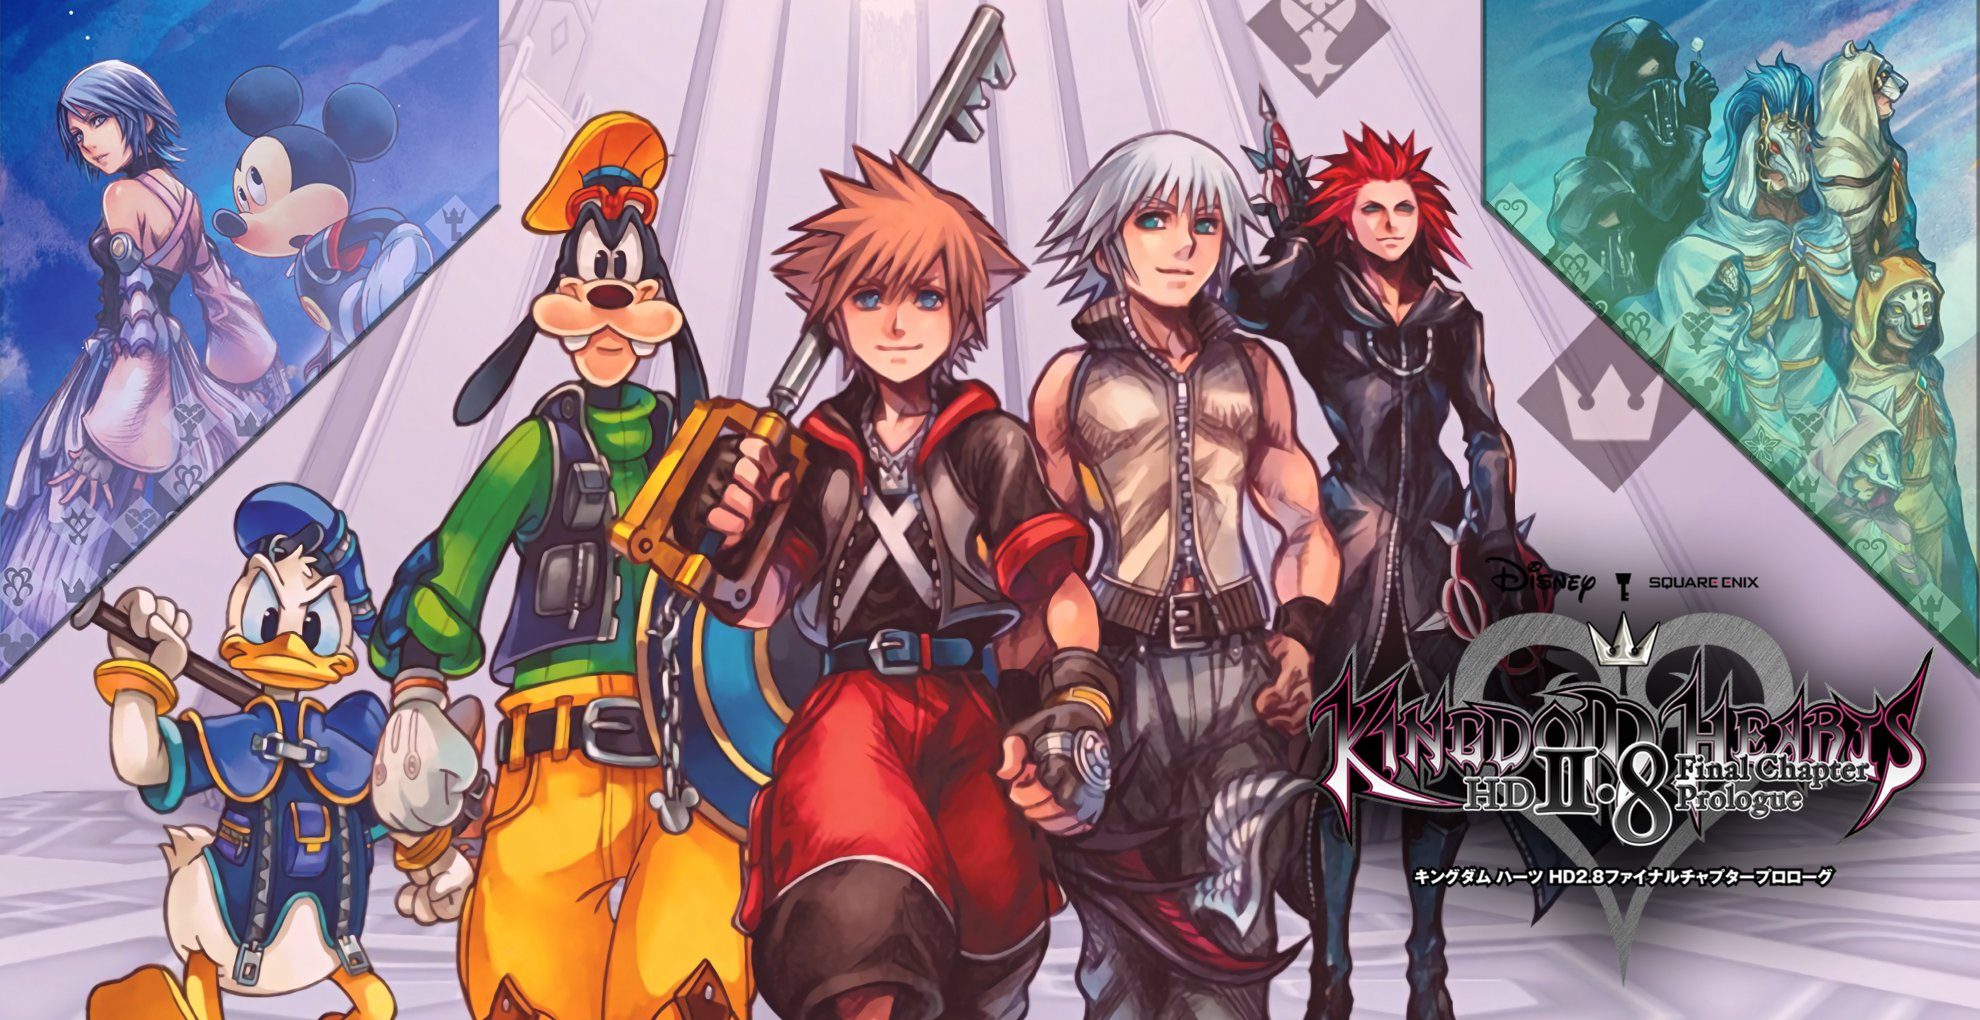 Рецензия на Kingdom Hearts 2.8: Final Chapter Prologue - да, это настоящее название. - Изображение 1